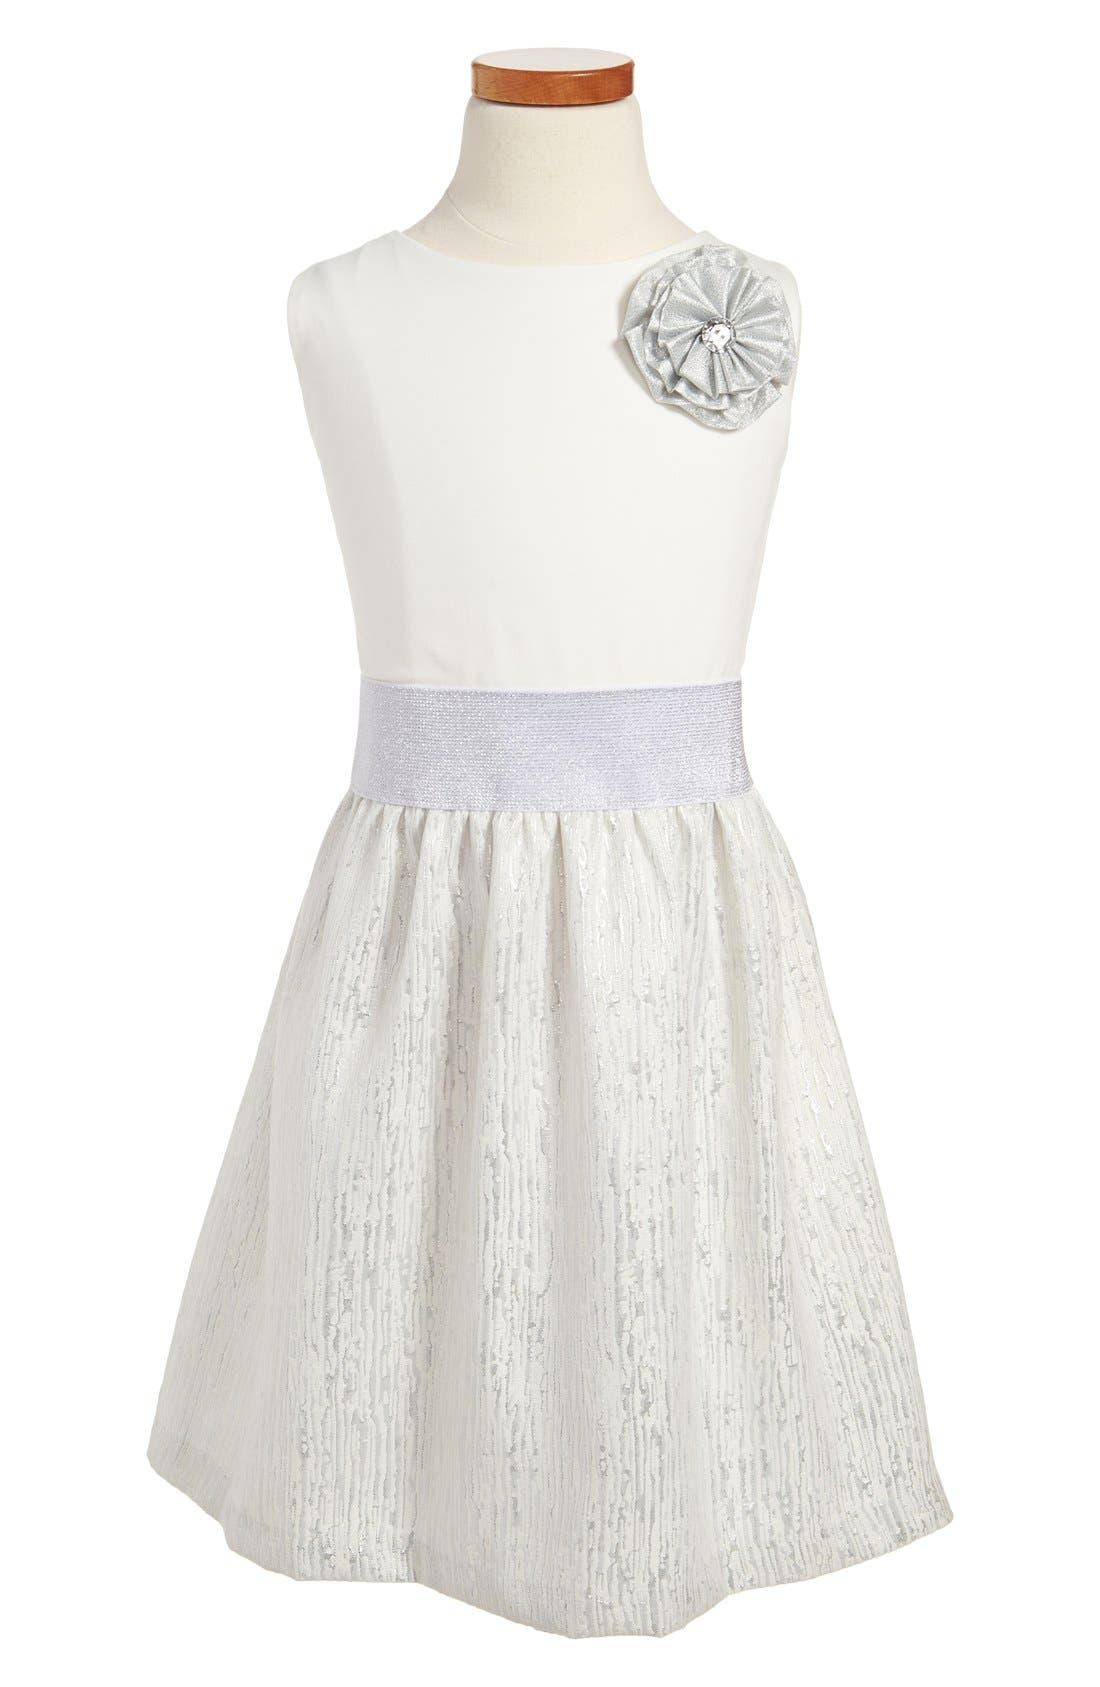 Main Image - ABS by Allen Schwartz 'Gabriella' Sleeveless Dress (Big Girls)